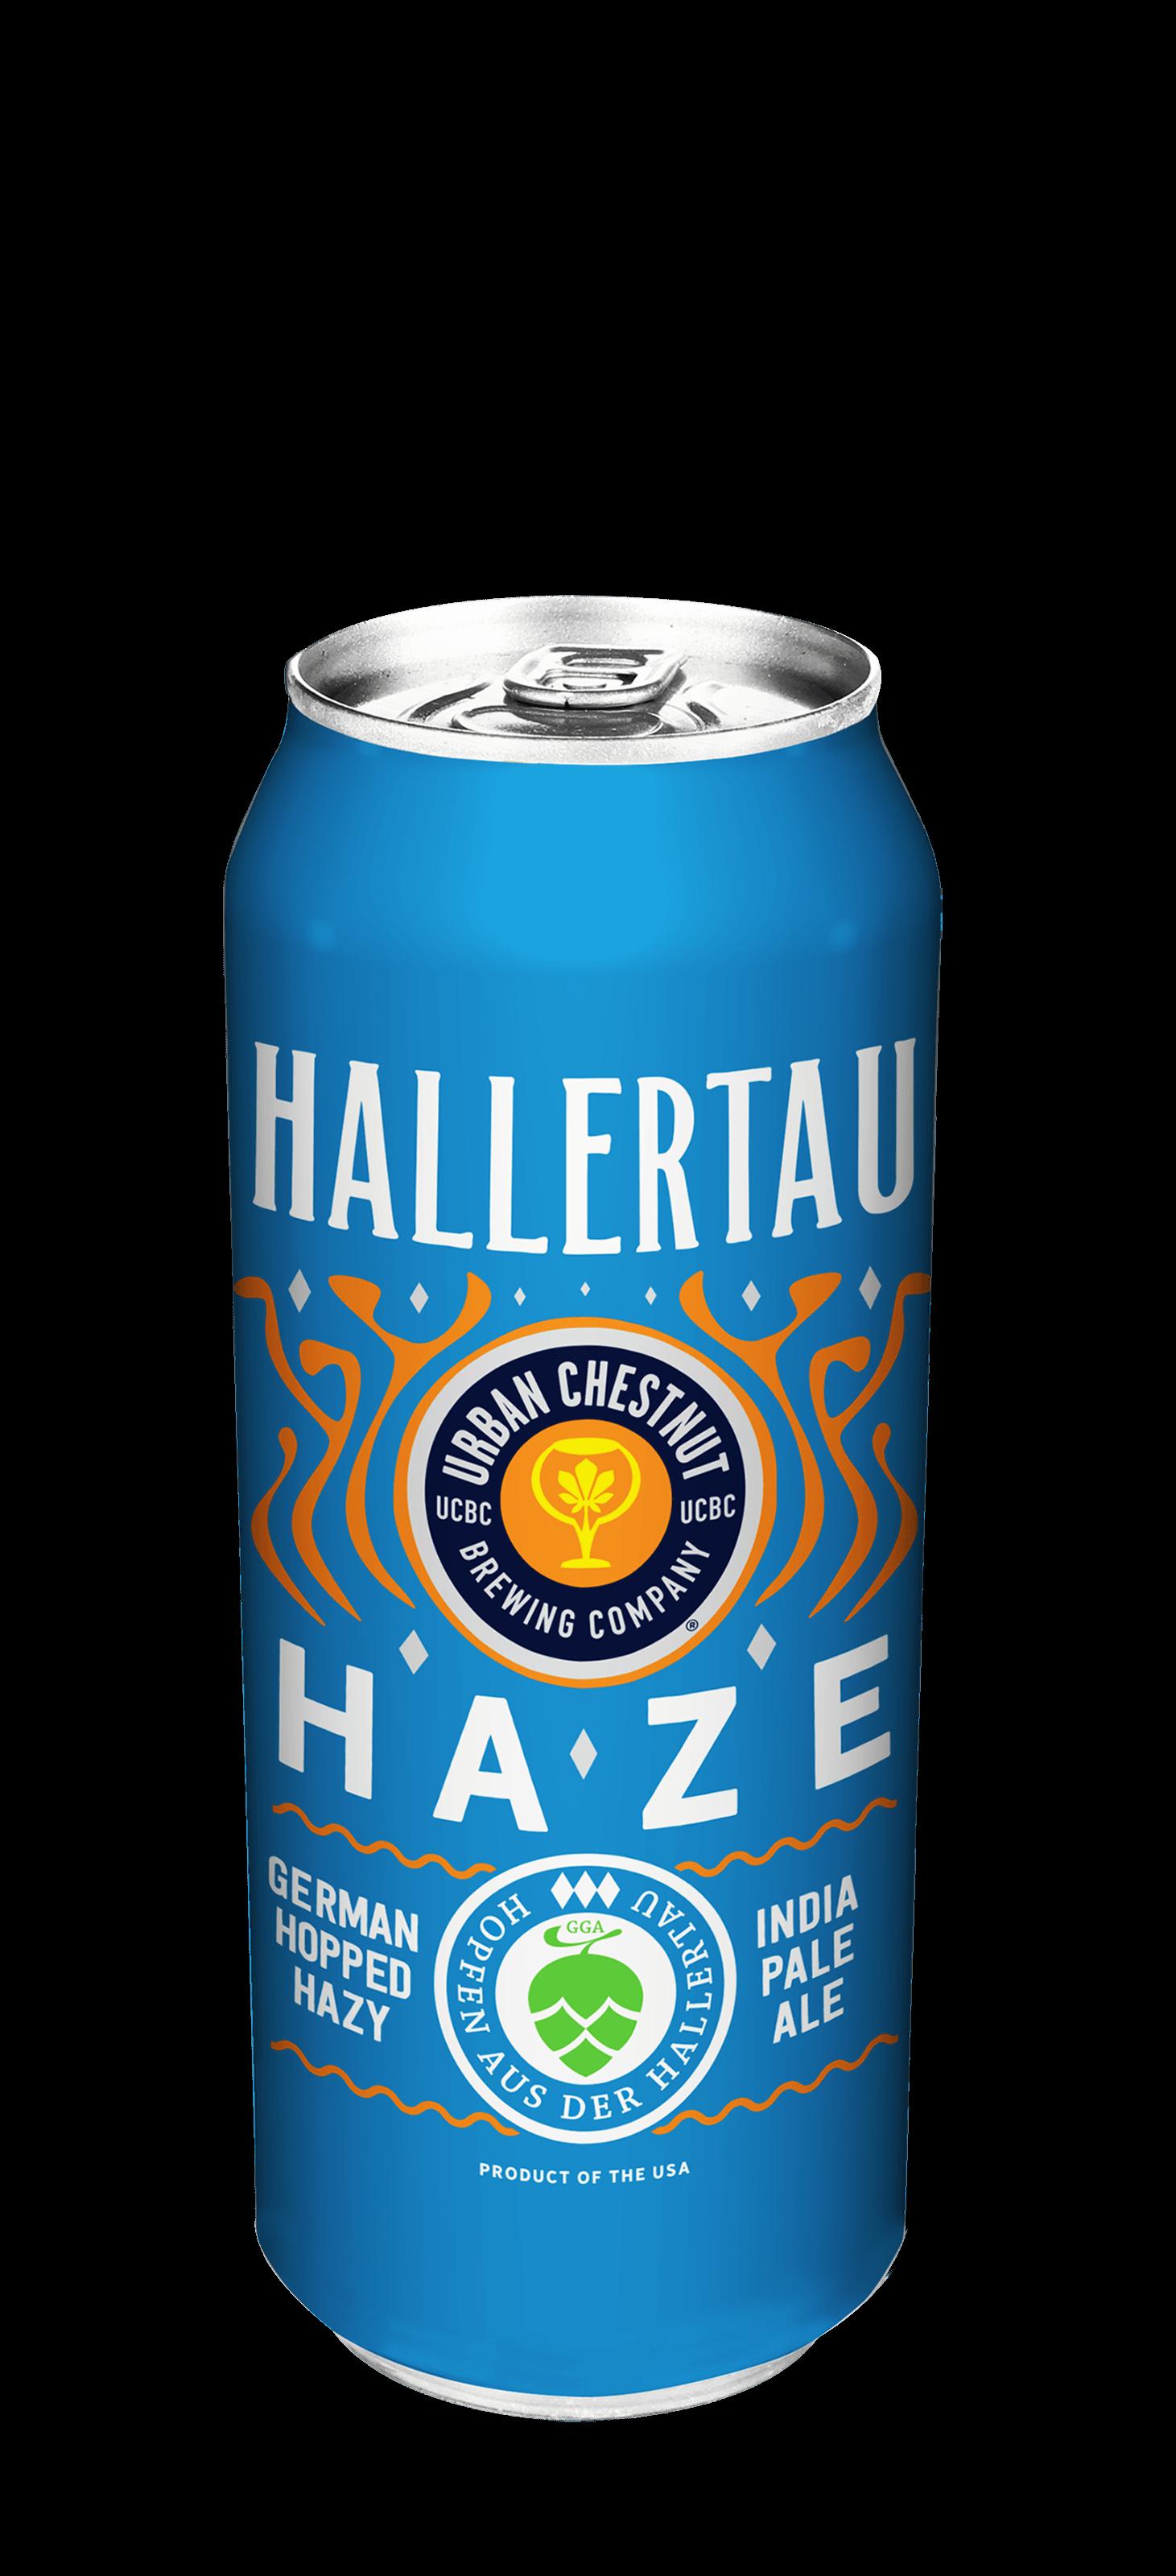 Hallertau Haze